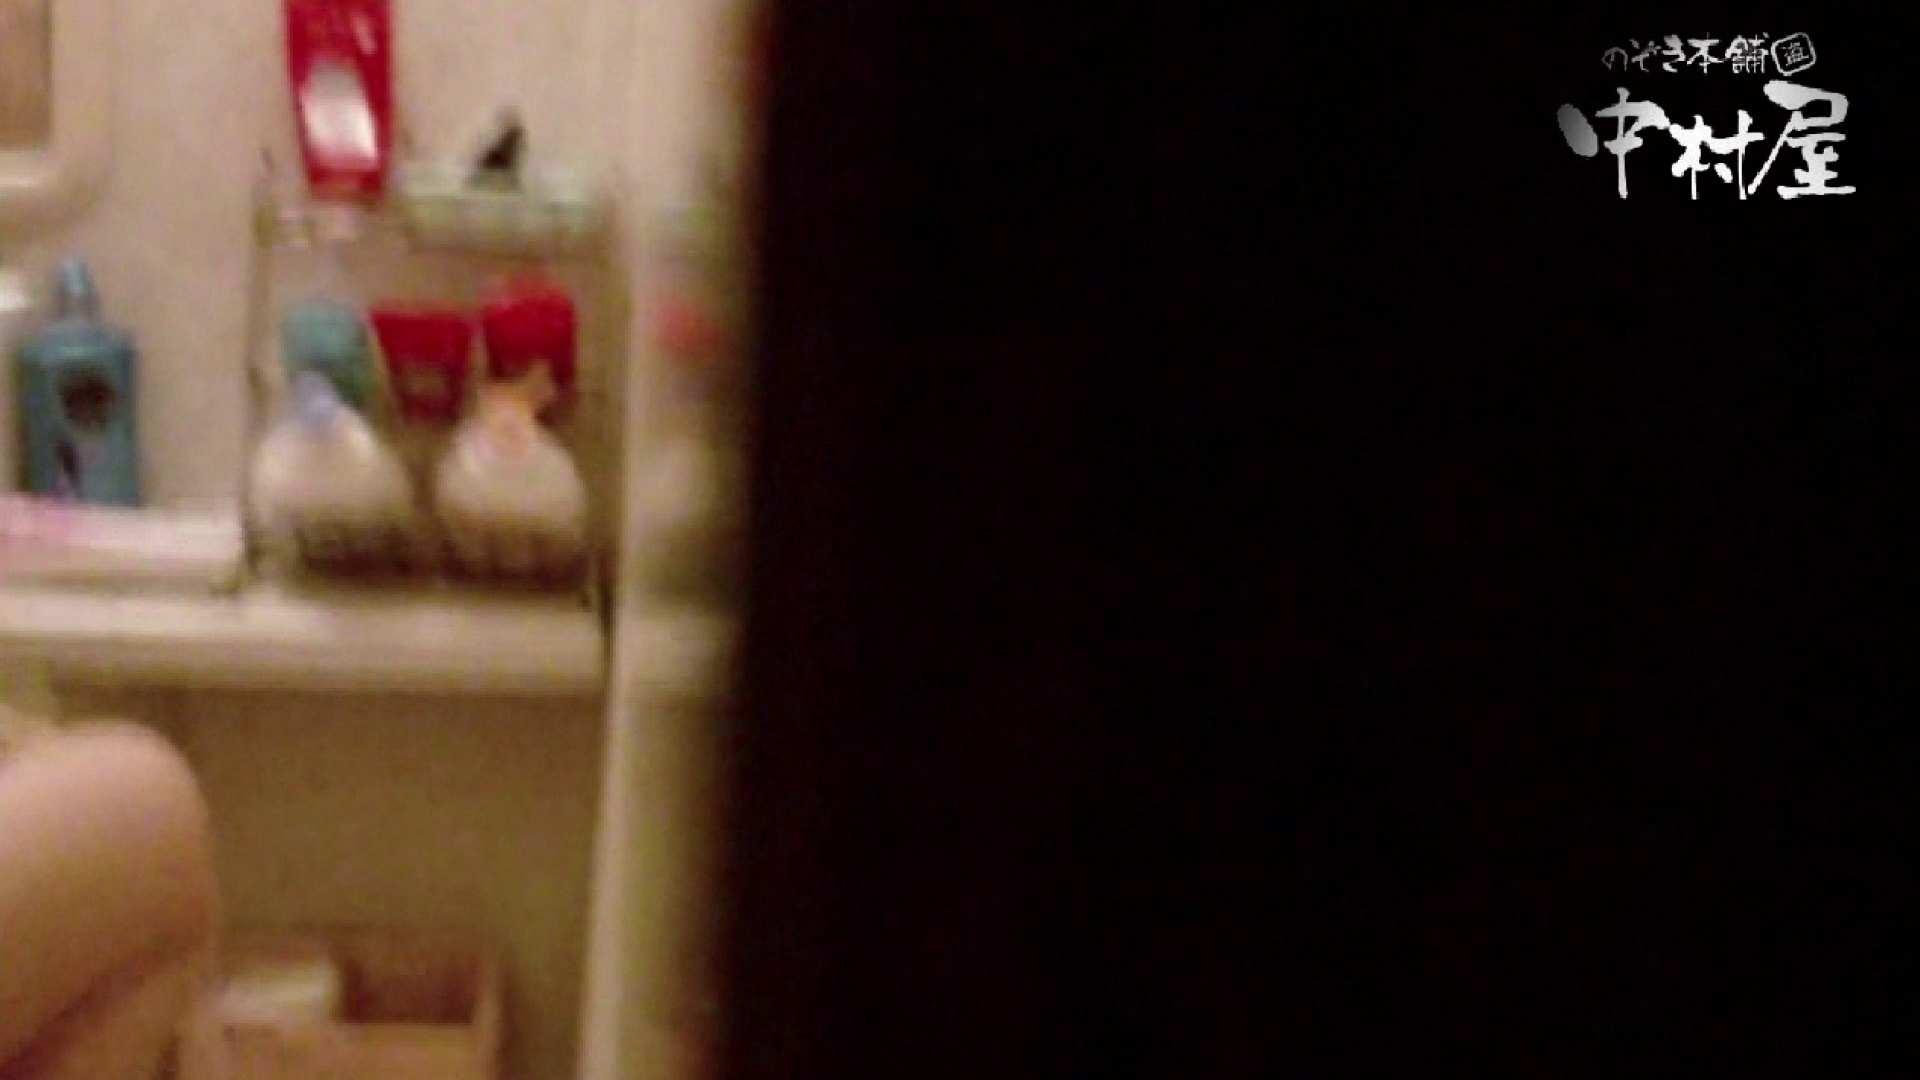 雅さんの独断と偏見で集めた動画集 民家Vol.1 超エロギャル 濡れ場動画紹介 108枚 91